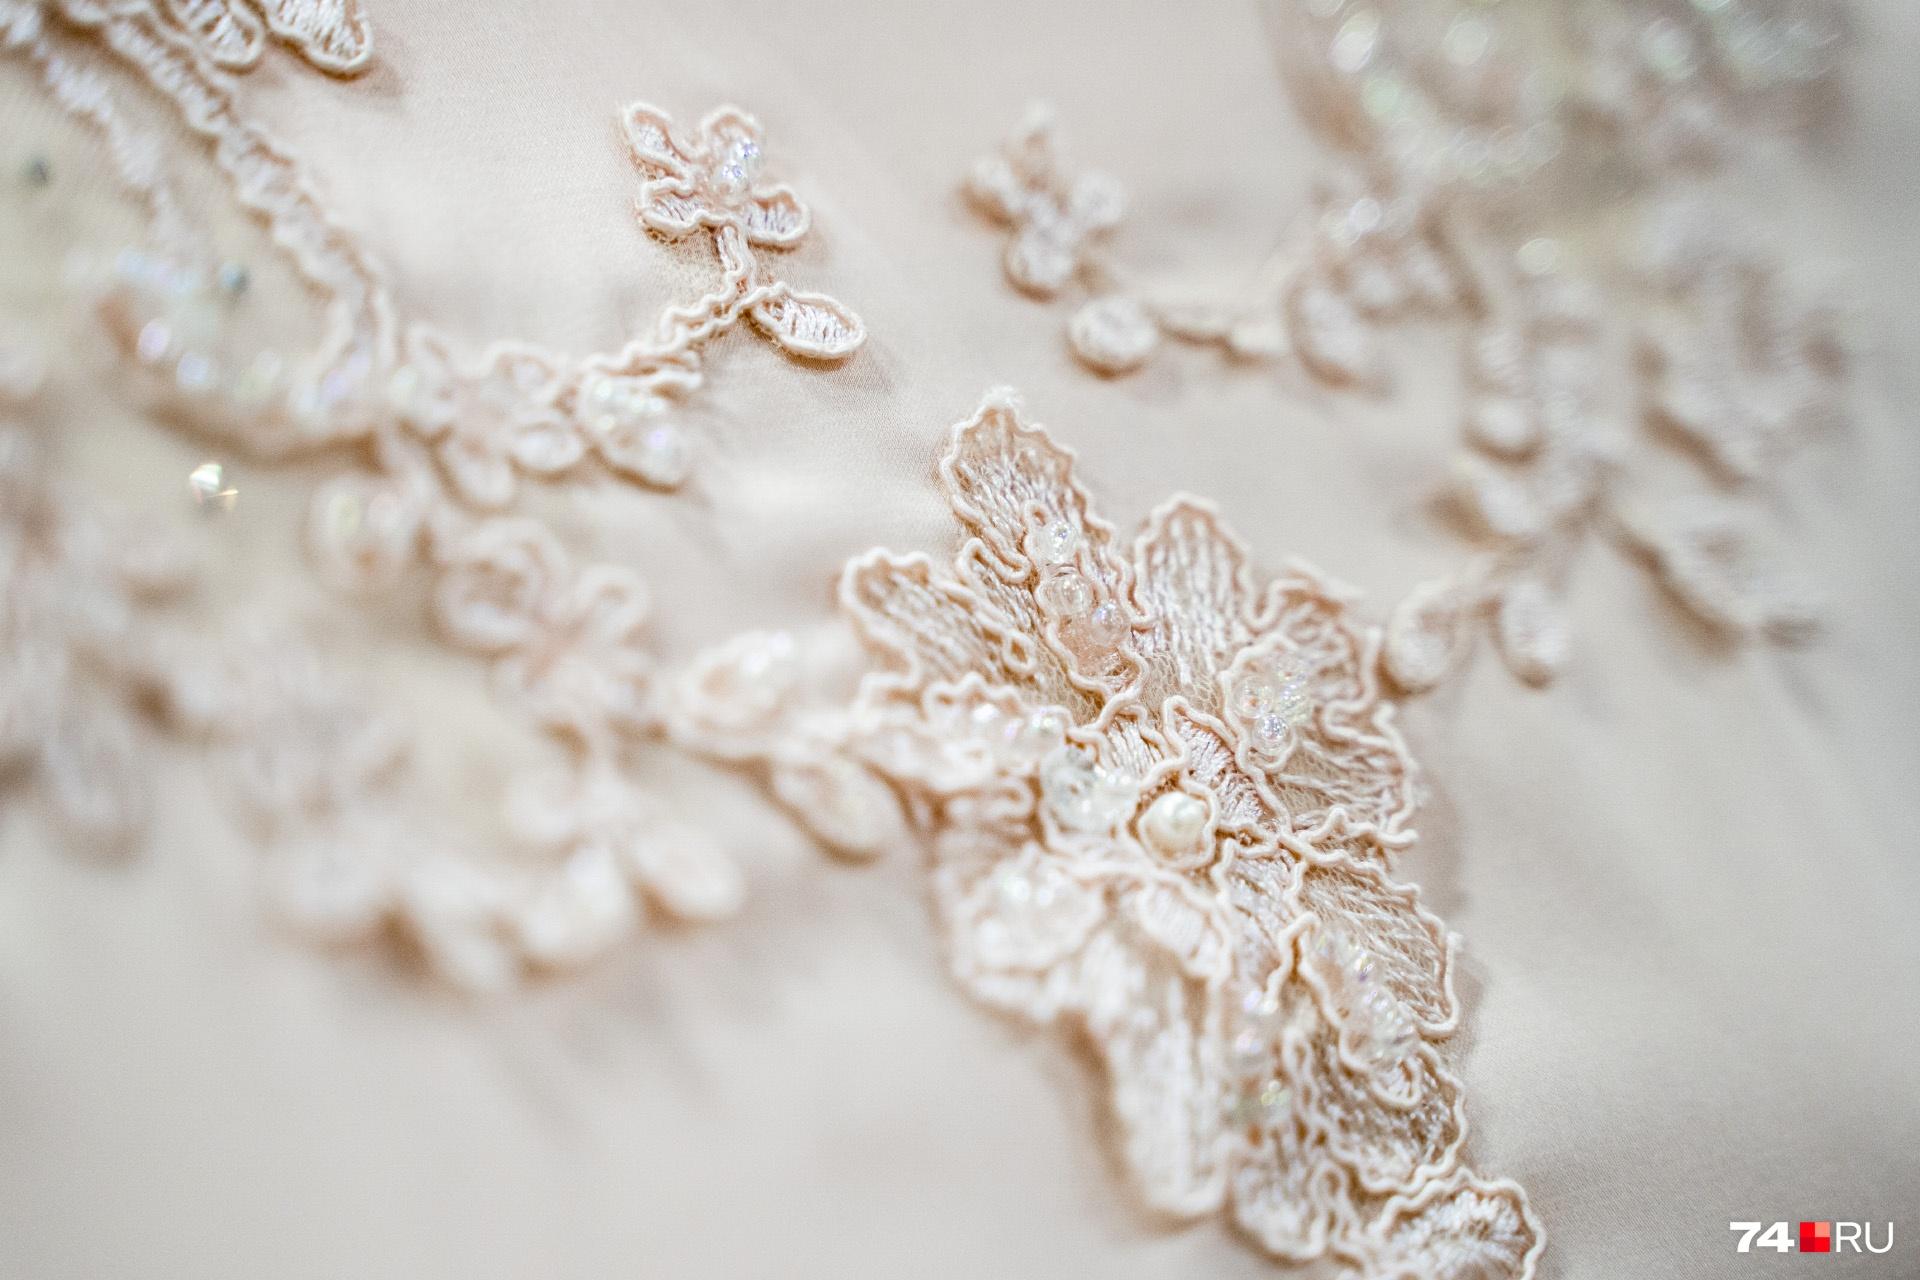 Многие платья выглядят очень скромными, их украшает в основном вышивка